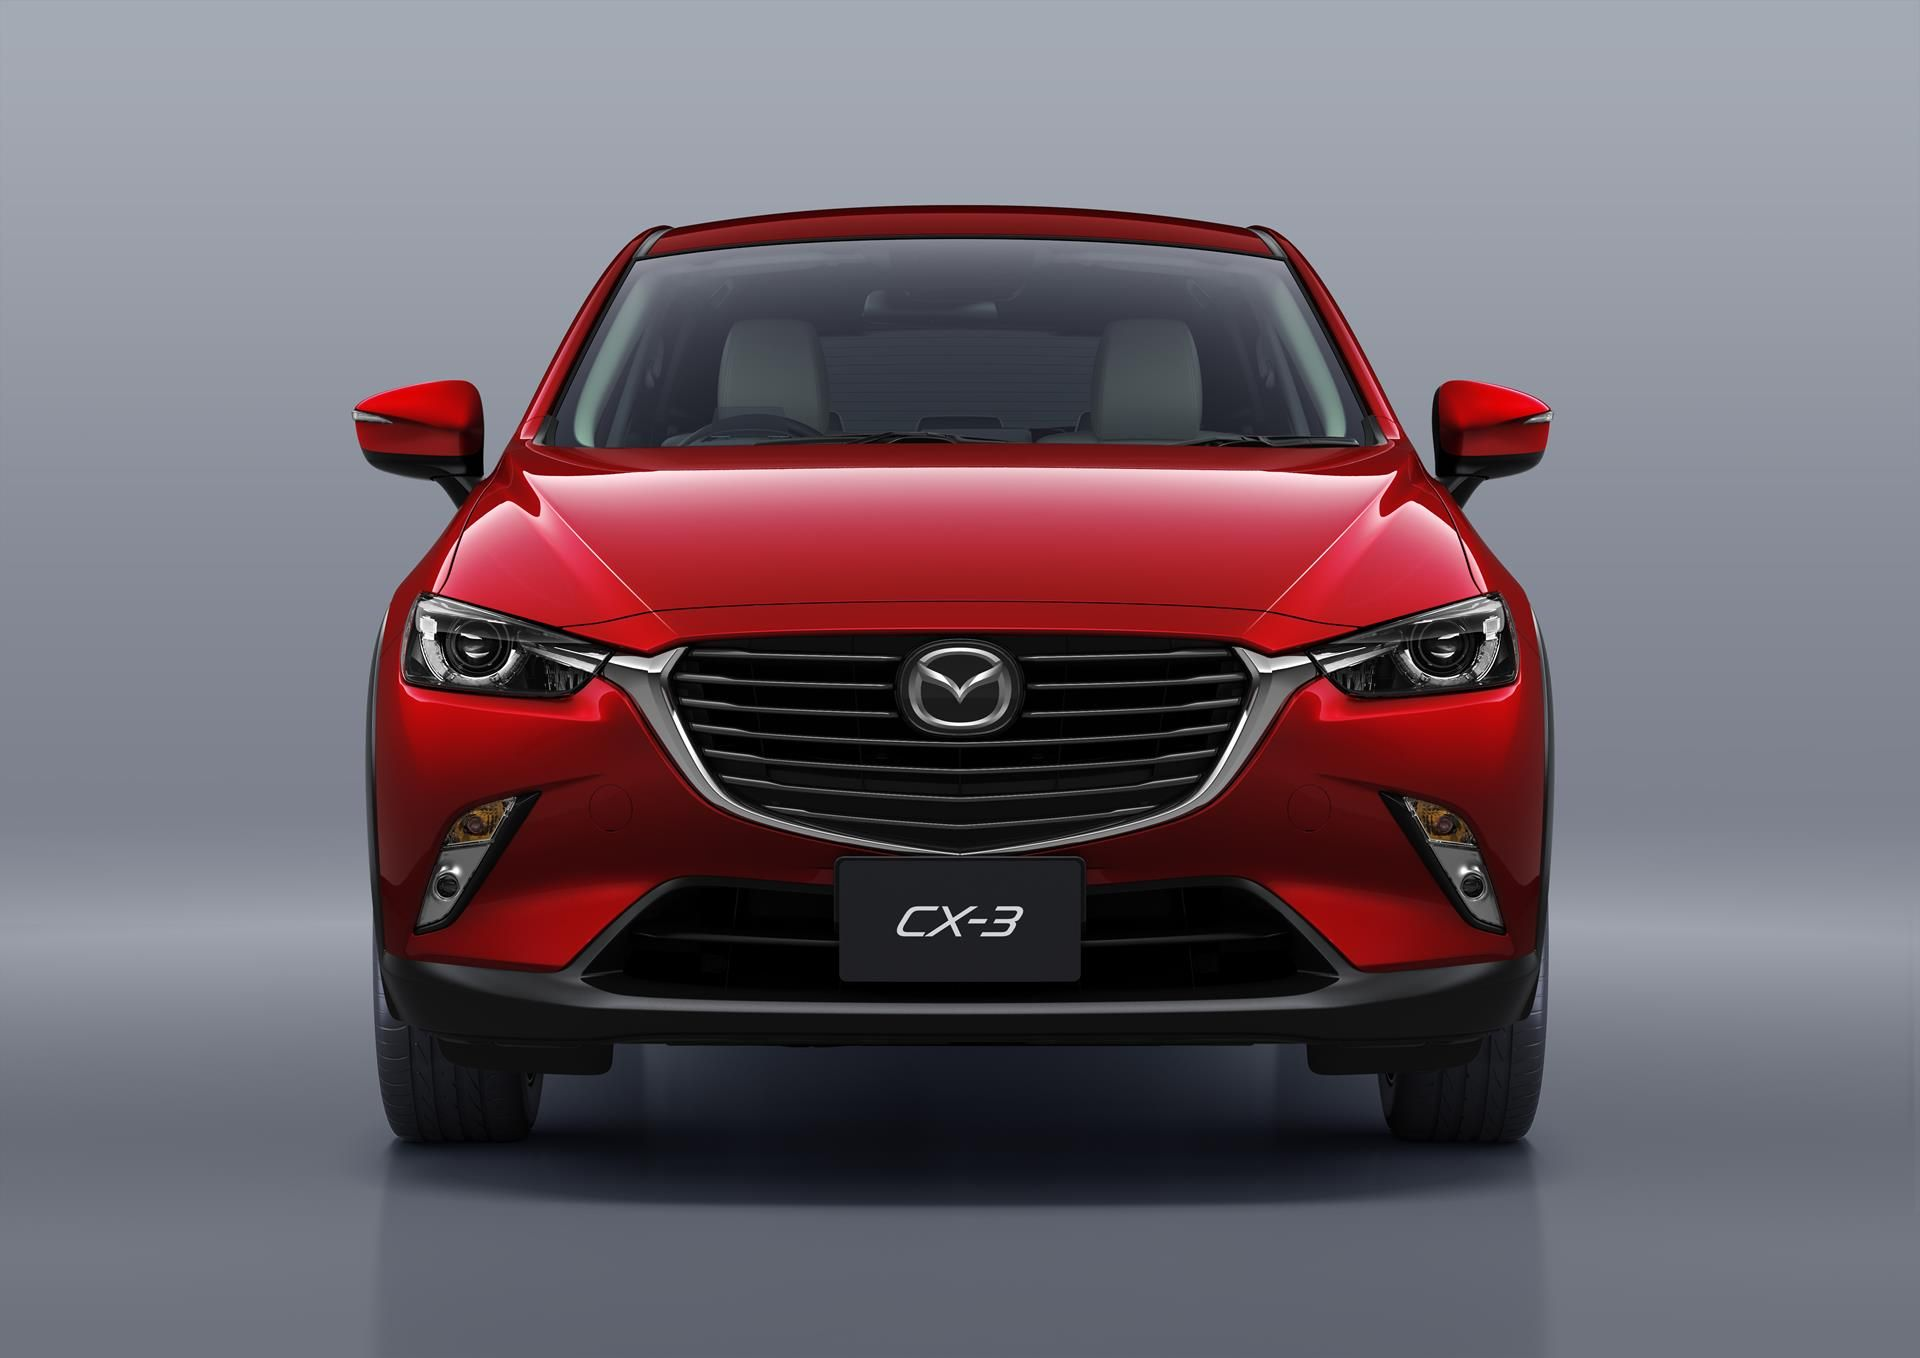 2017 mazda cx 3 grand touring review australia cars for you - 2016 Mazda Cx 3 Background Wallpaper Http Wallsauto Com